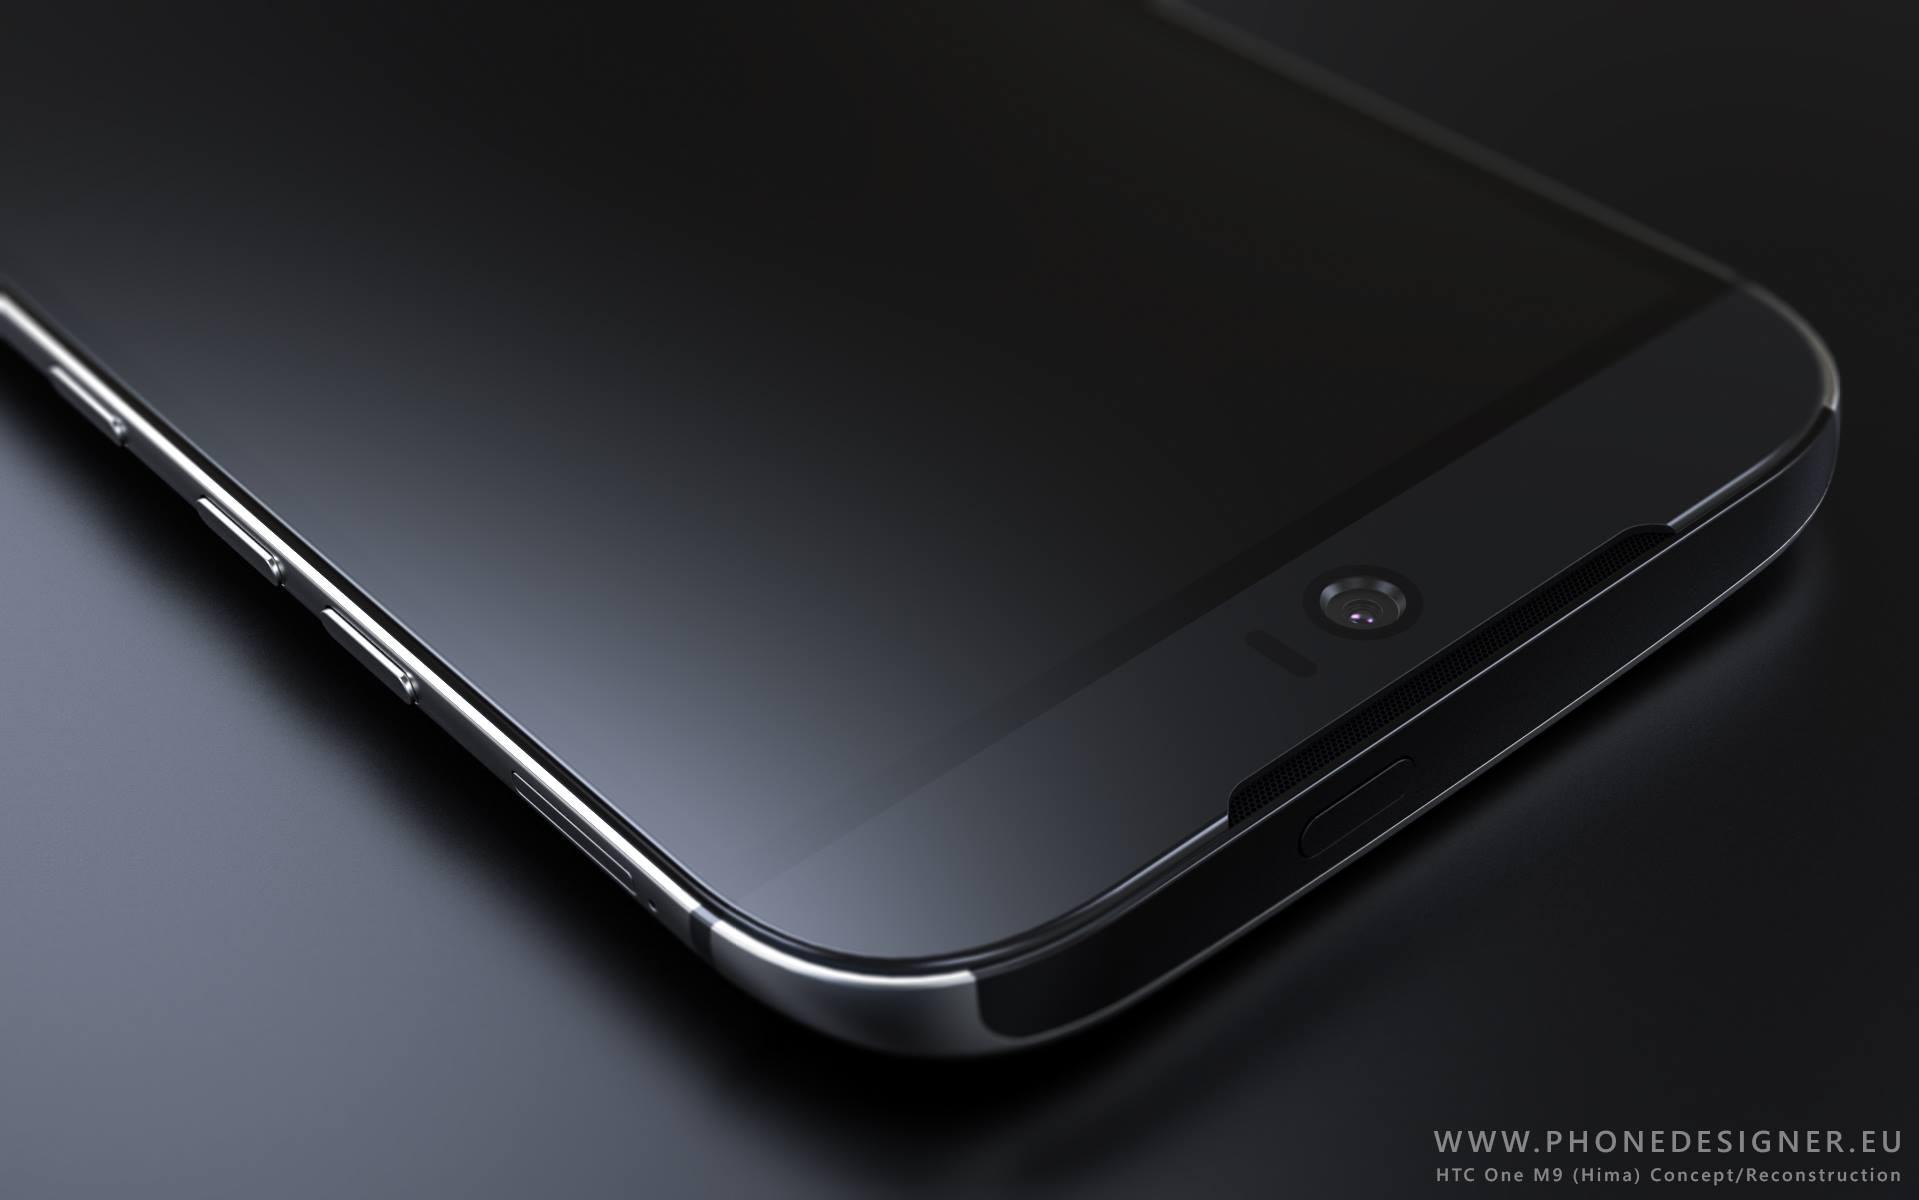 HTC-One-M9-renders(6)